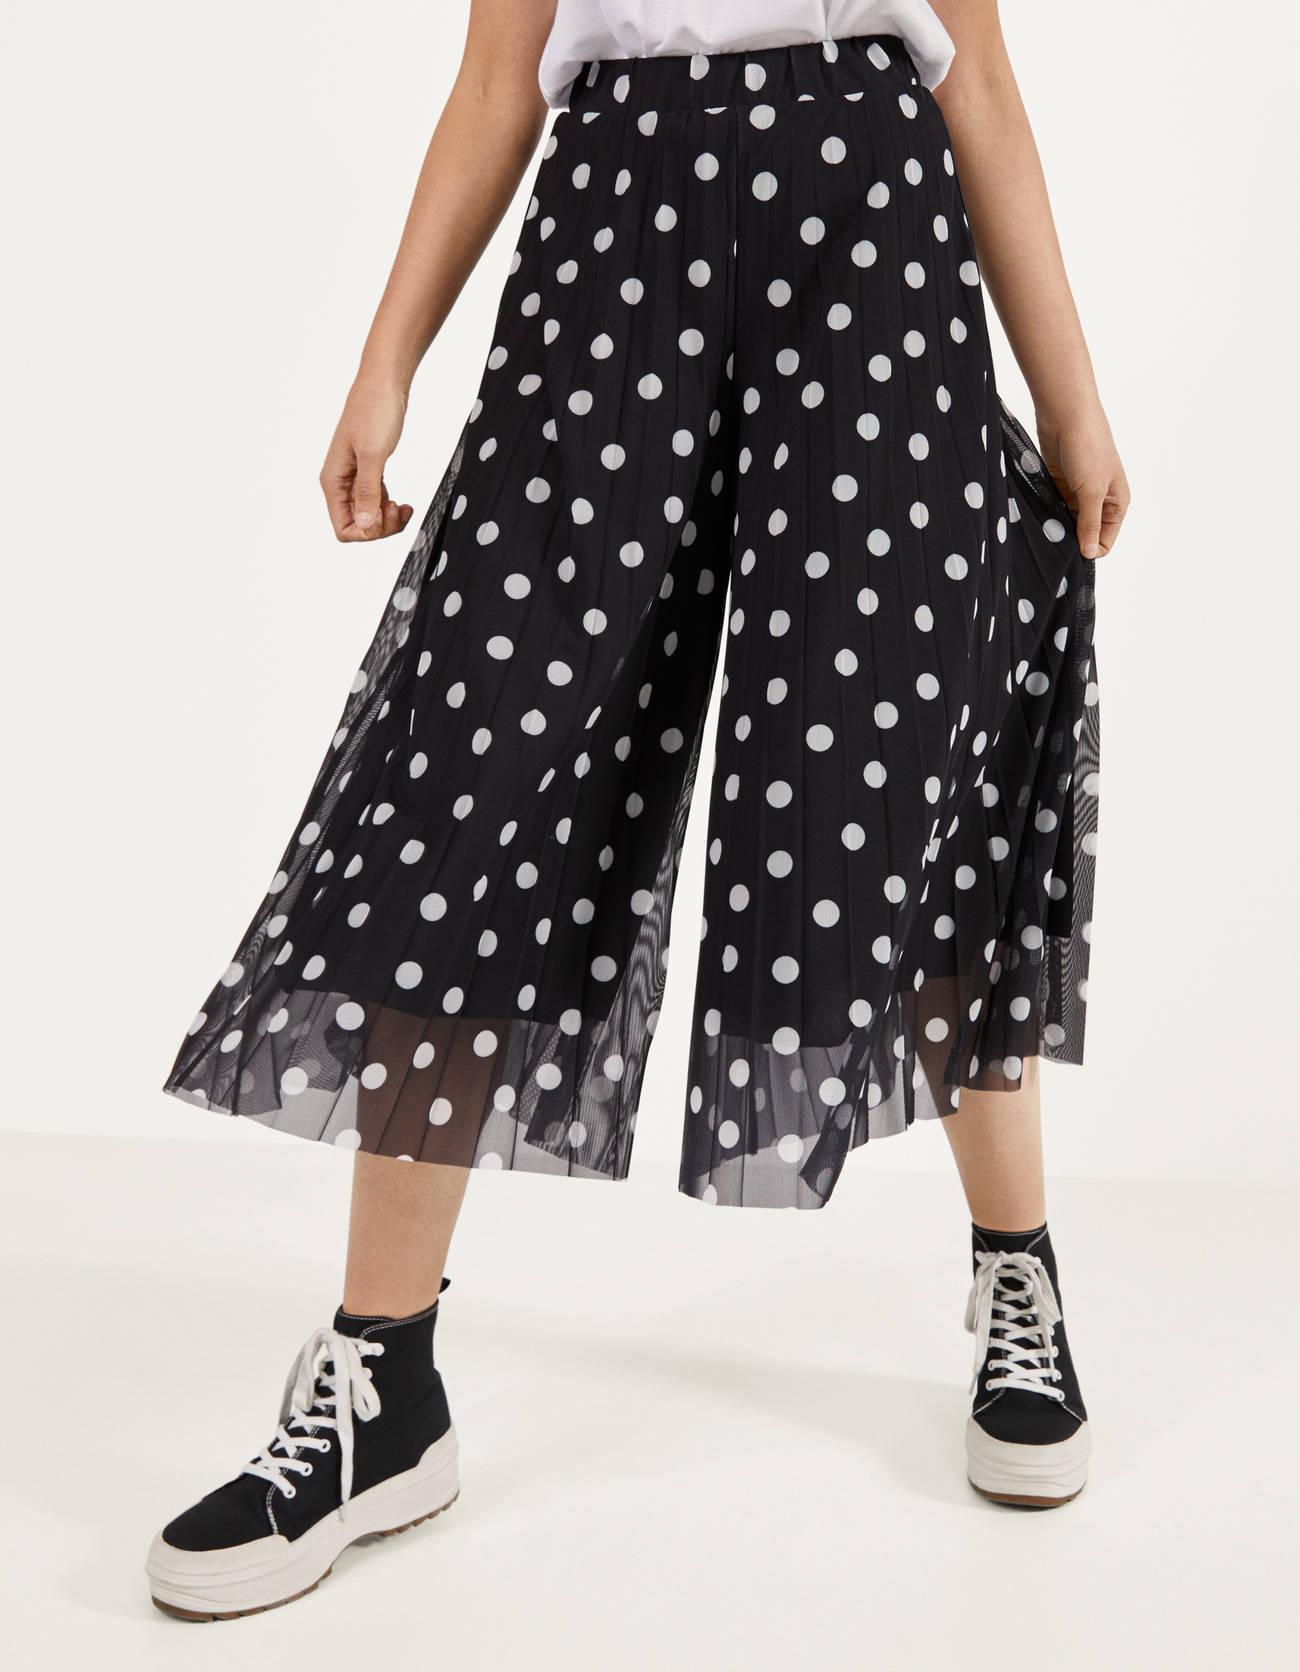 Pantalones culotte de tul plisado